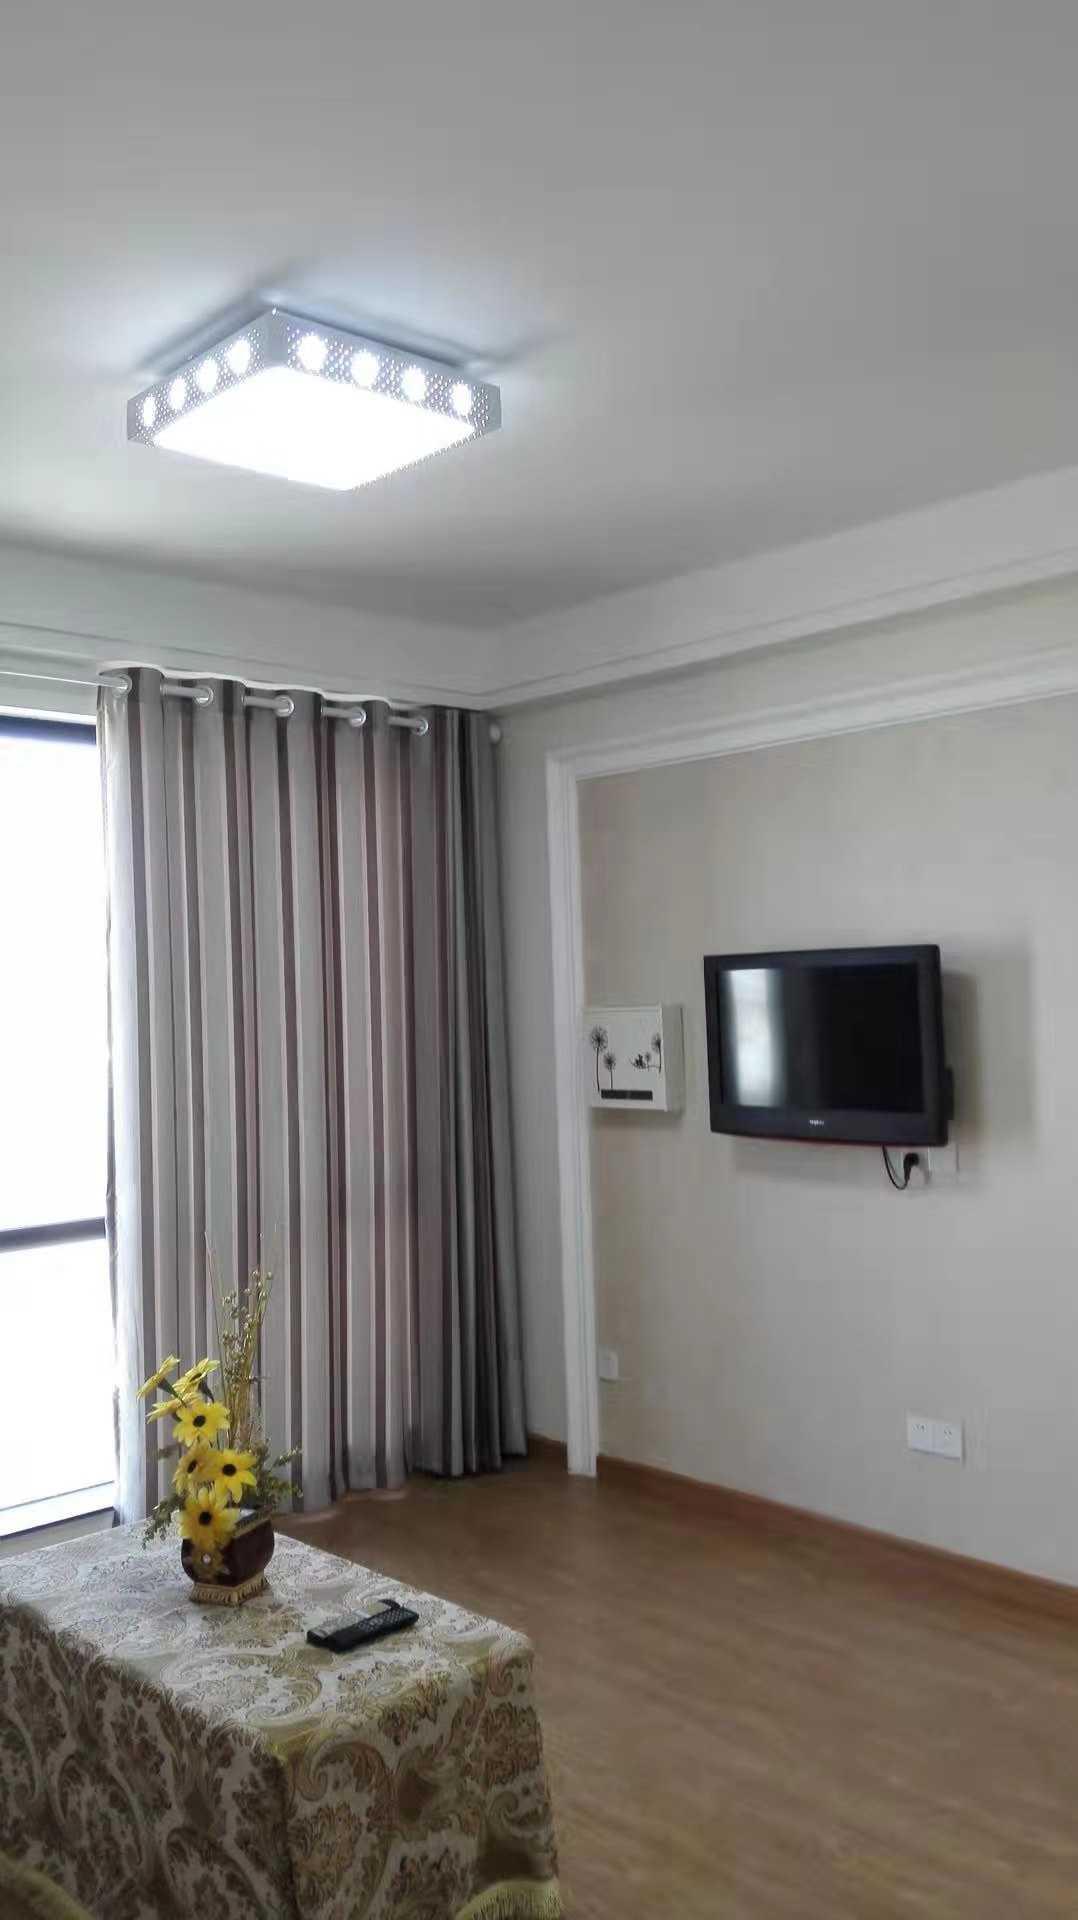 12021出售玉兰花园5/30楼  89平方,2室2厅1厨1卫  精装修,带车位车棚95万的实拍照片